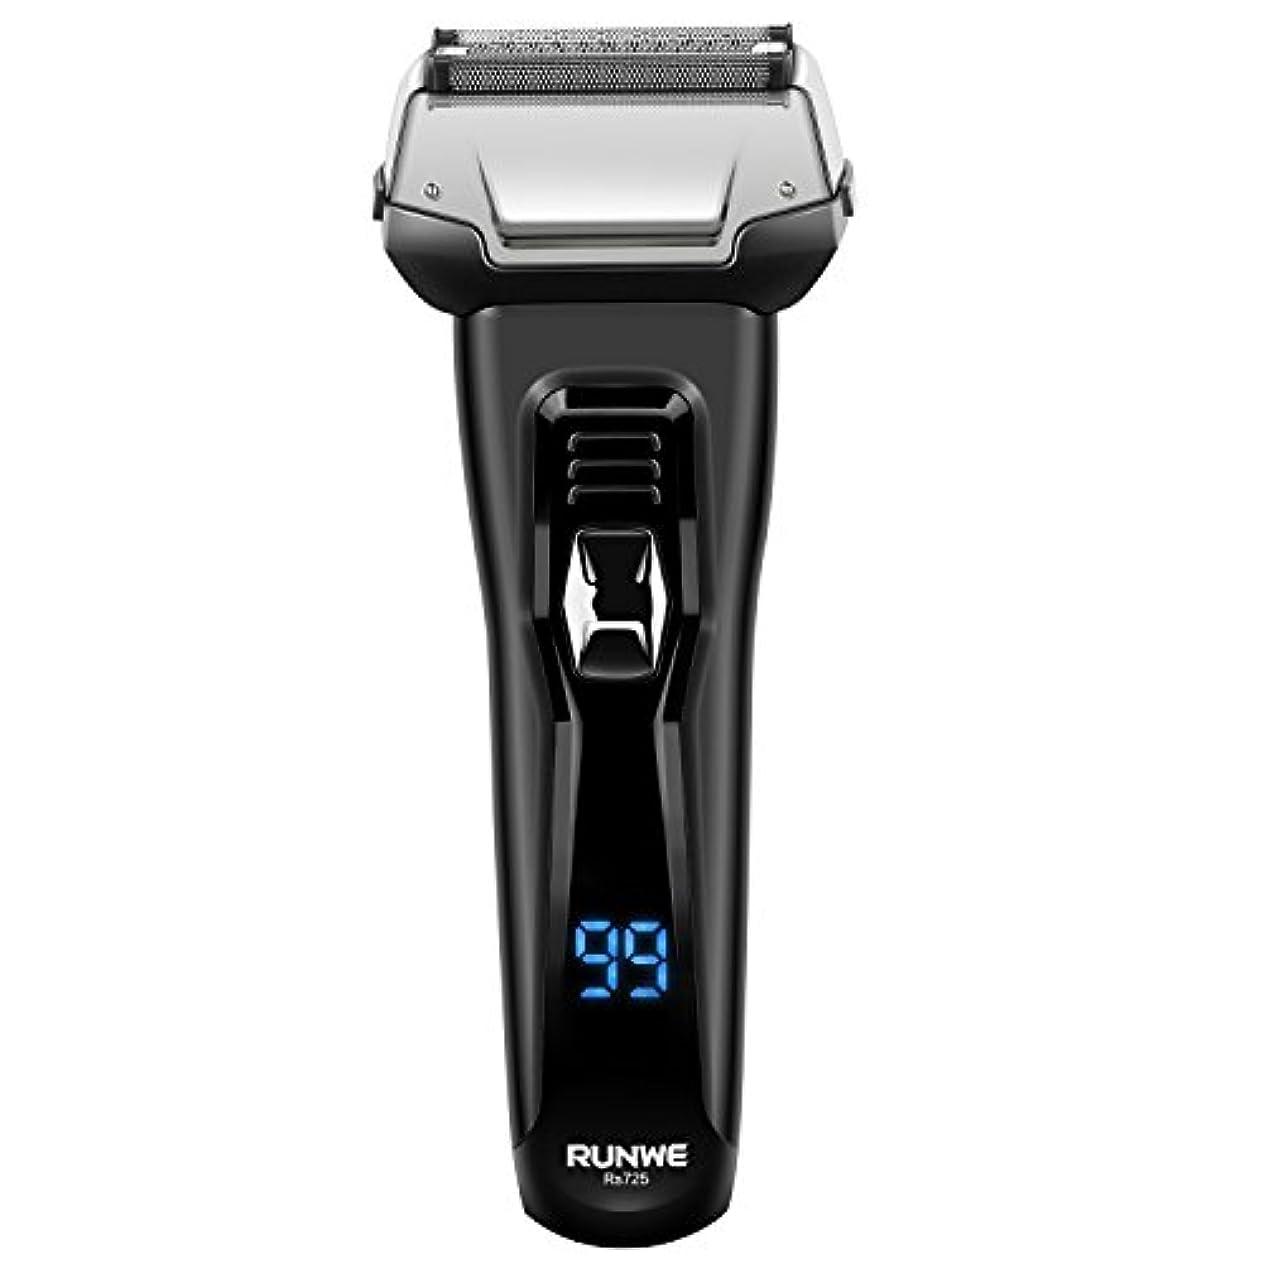 【最新型】RUNWE Rs725メンズシェーバー 往復式電動ひげそり3枚刃深剃りシリーズ お風呂剃り可IPX6級防水 海外国内両用 替刃可 プレゼントお薦め